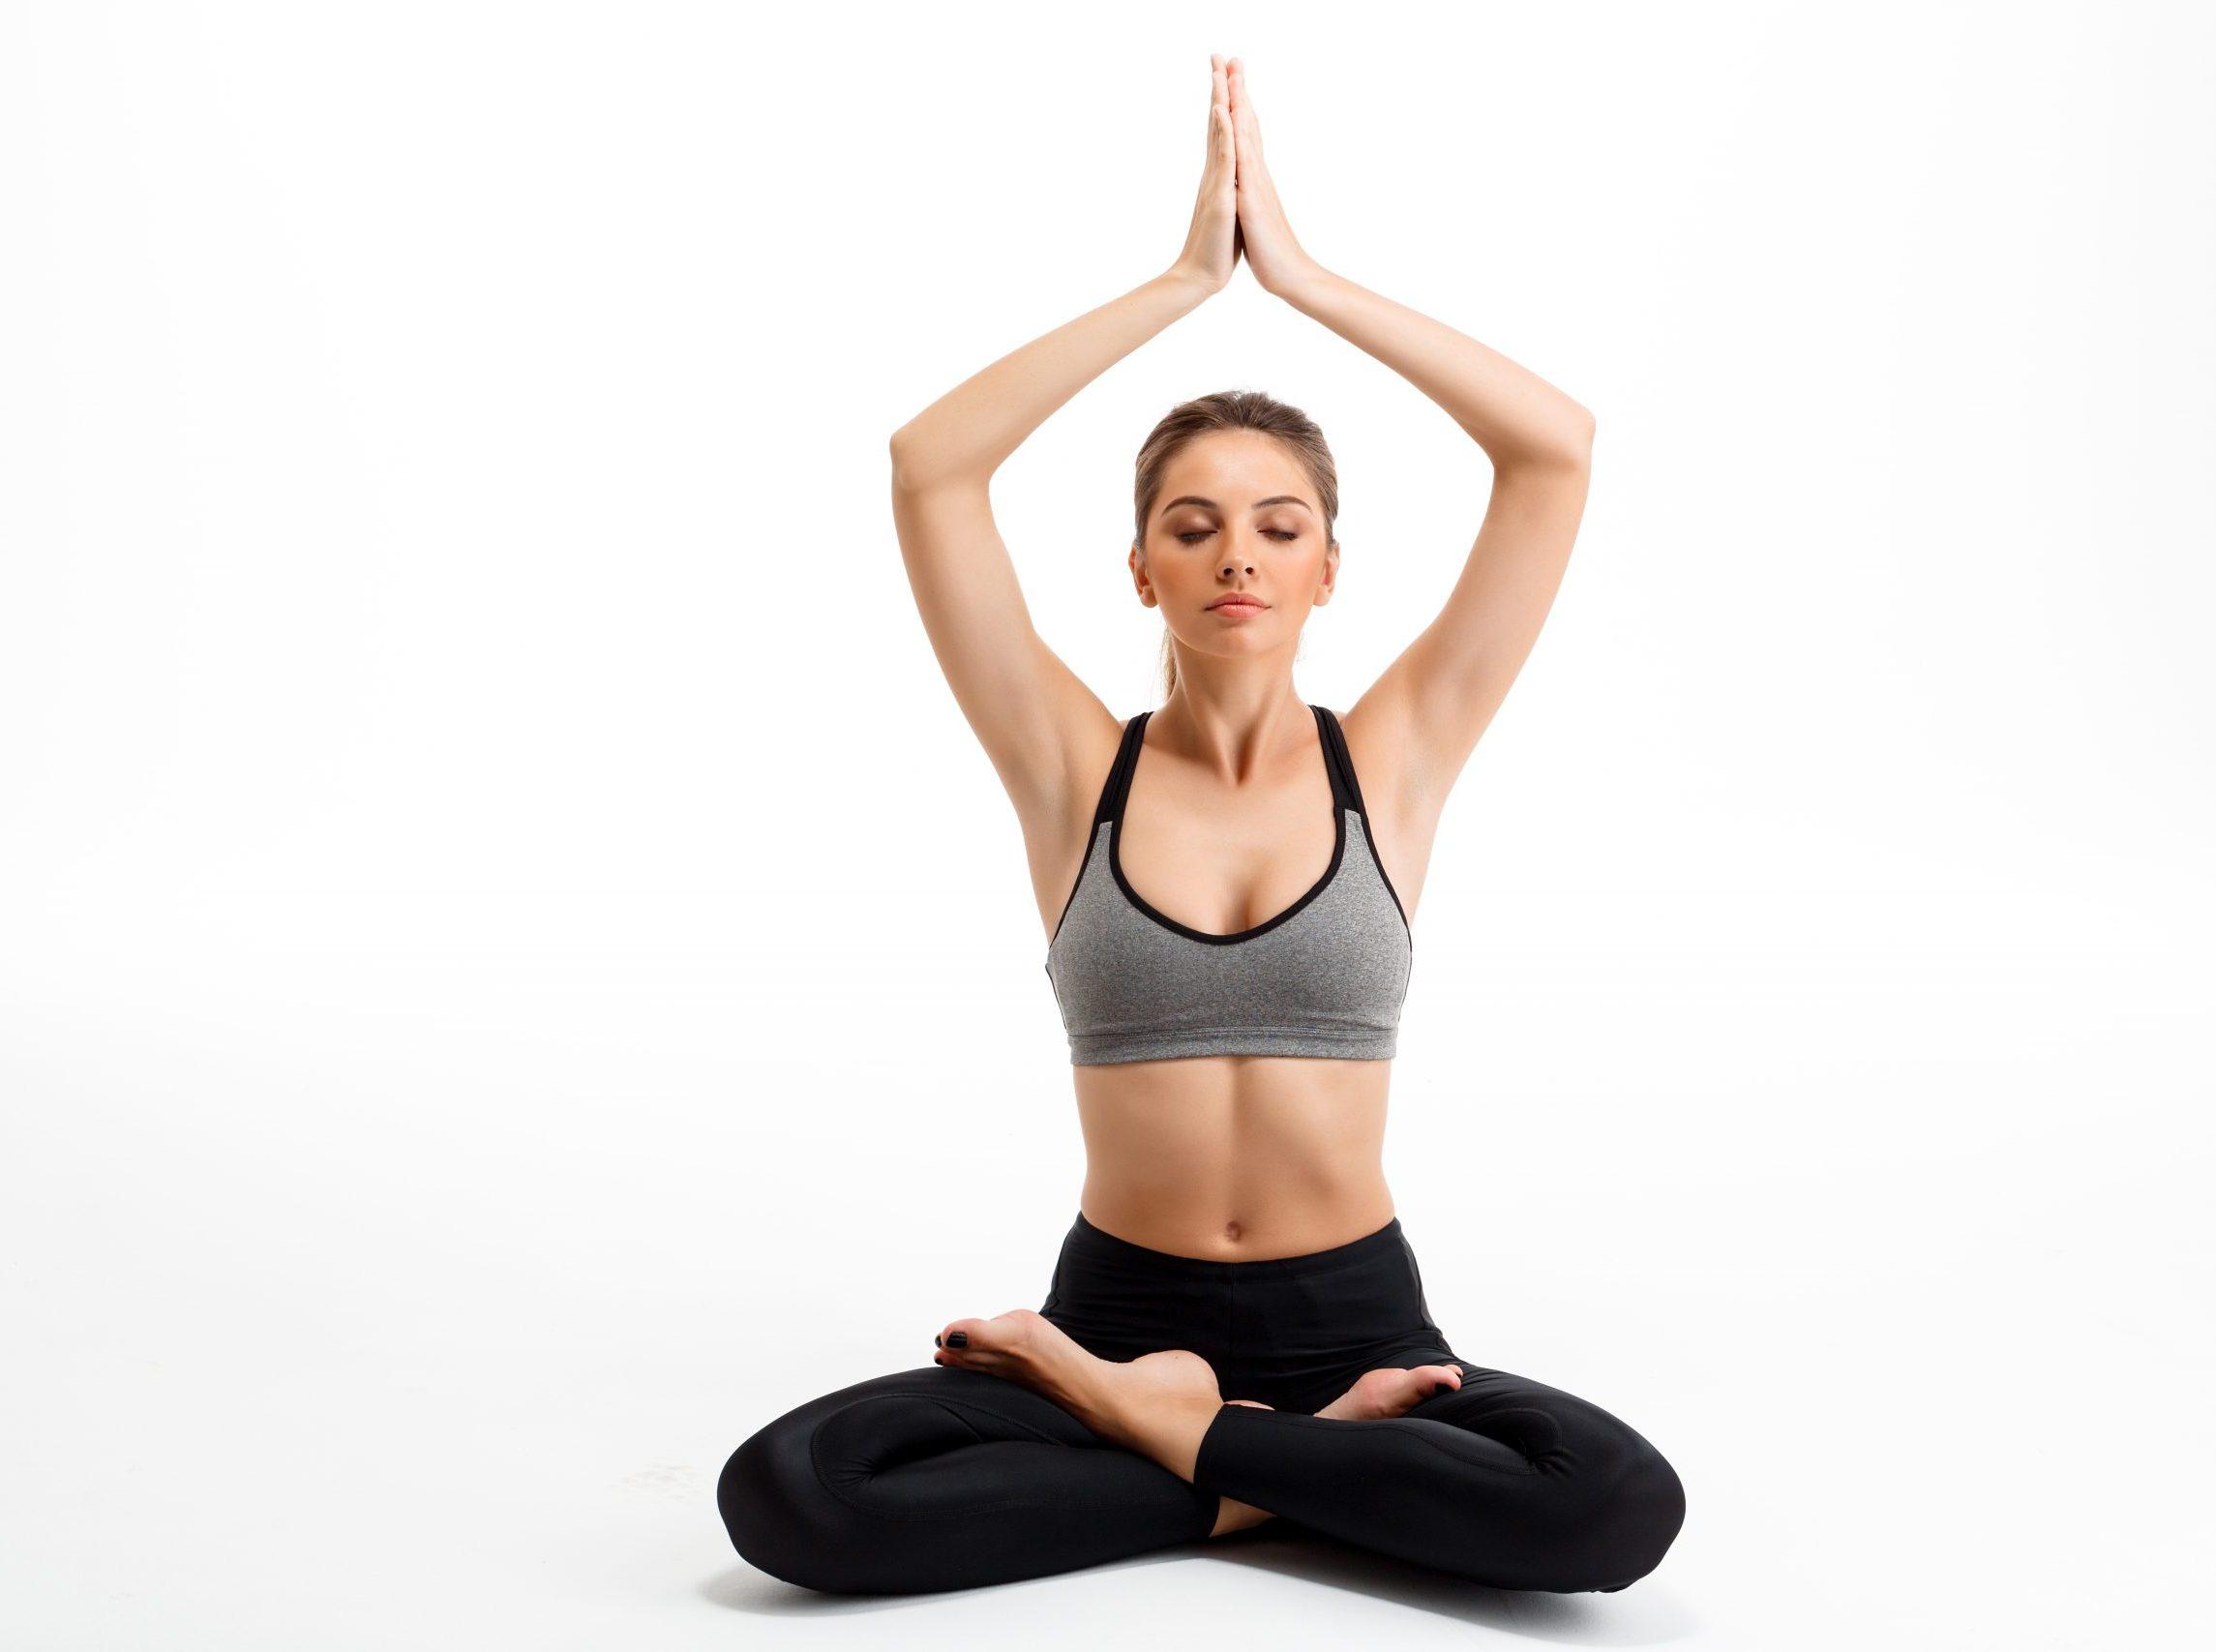 6 conseils pour se sentir bien dans son corps et son esprit